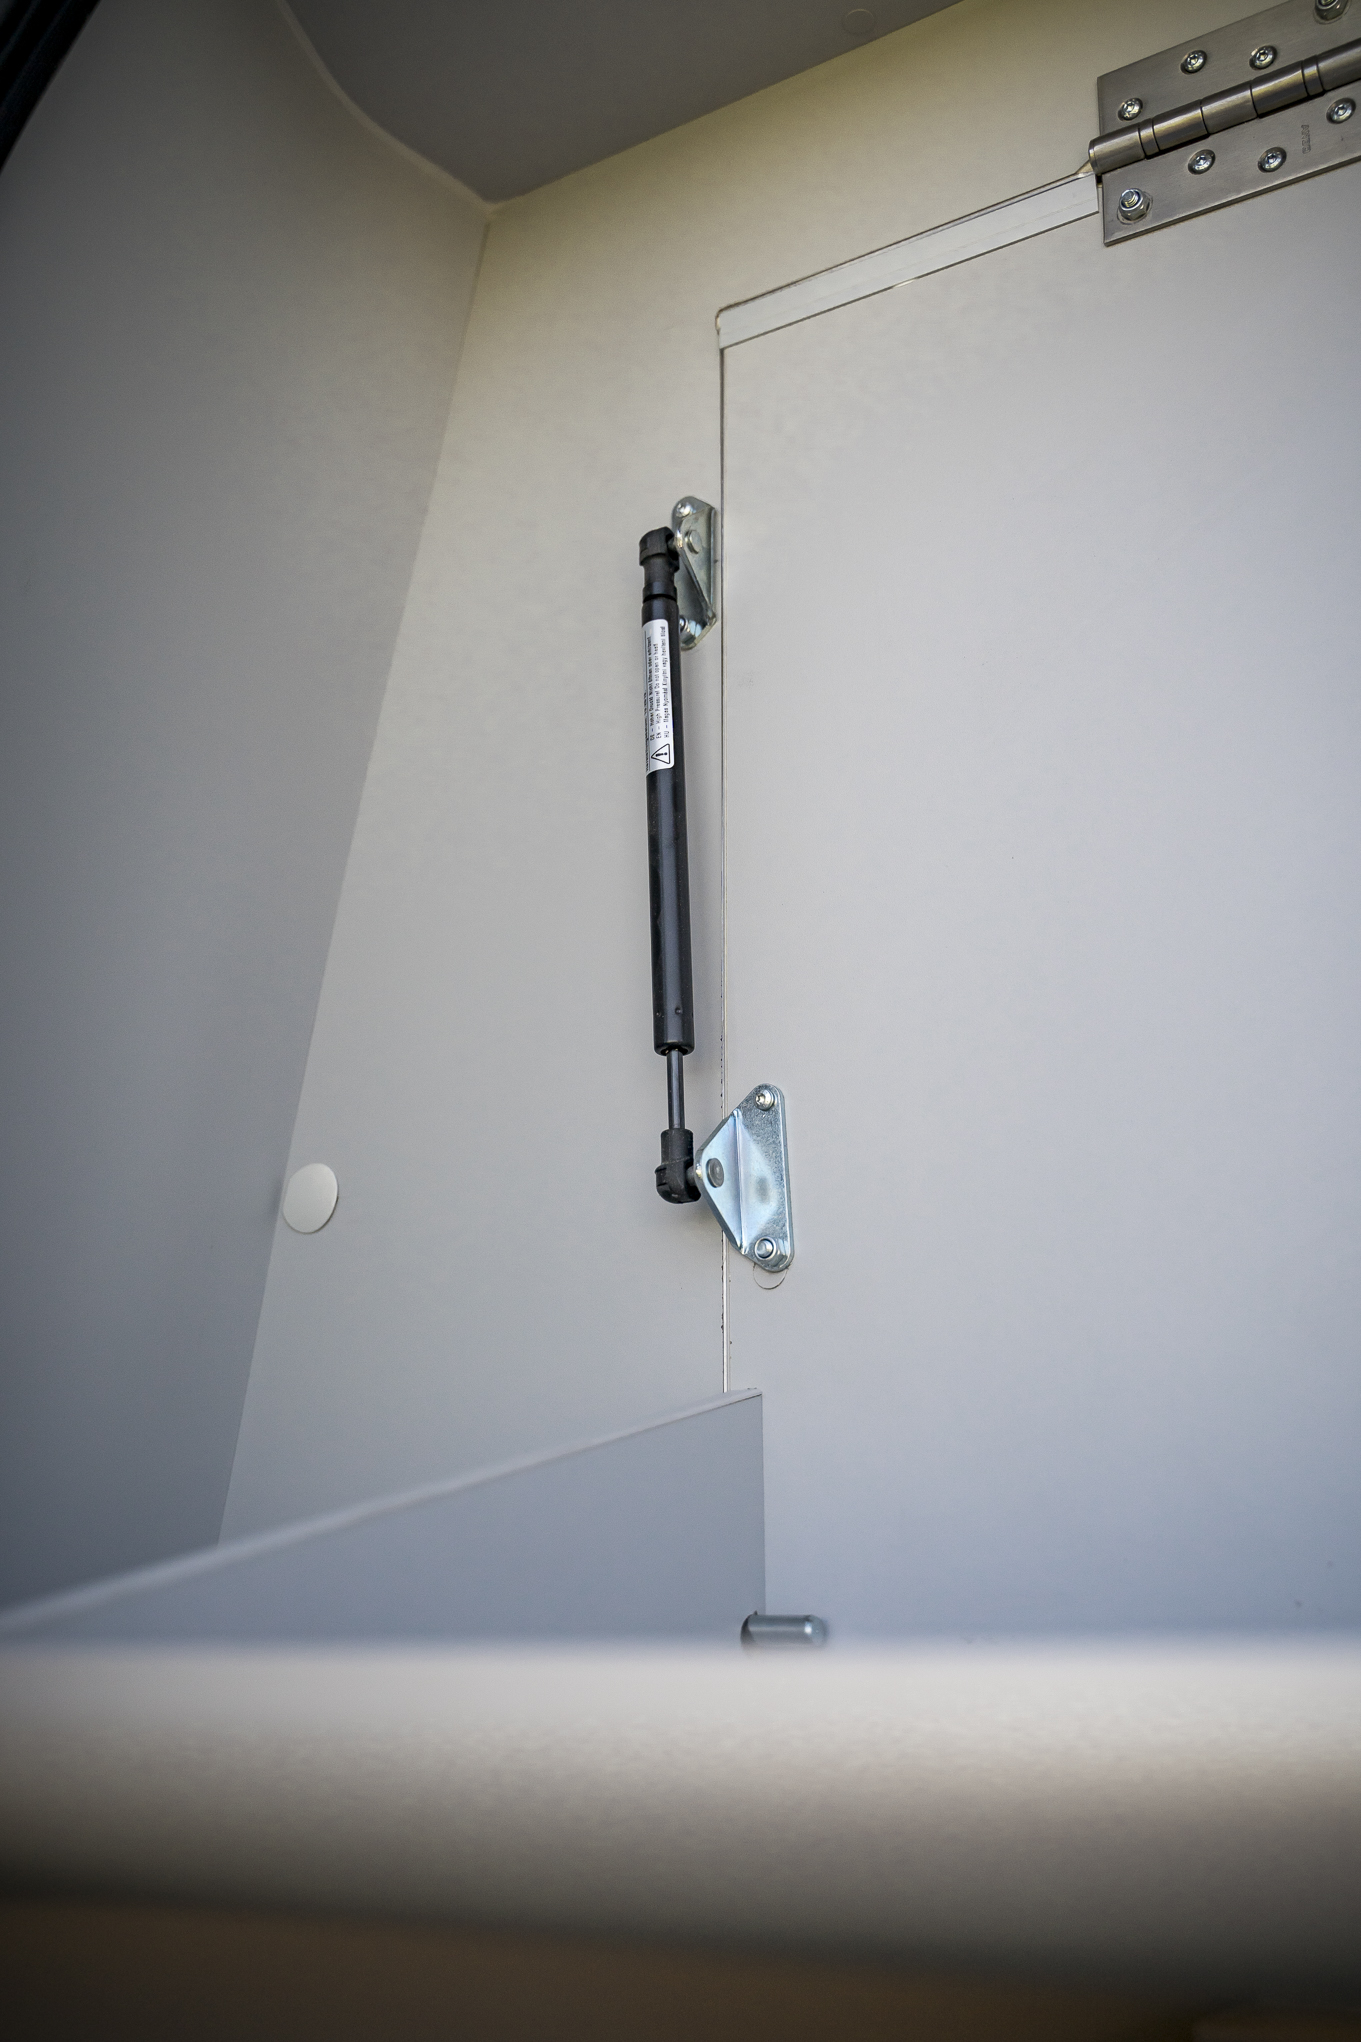 Gasdruckdämfper aufstellbett patented system vr bed camper hubbett